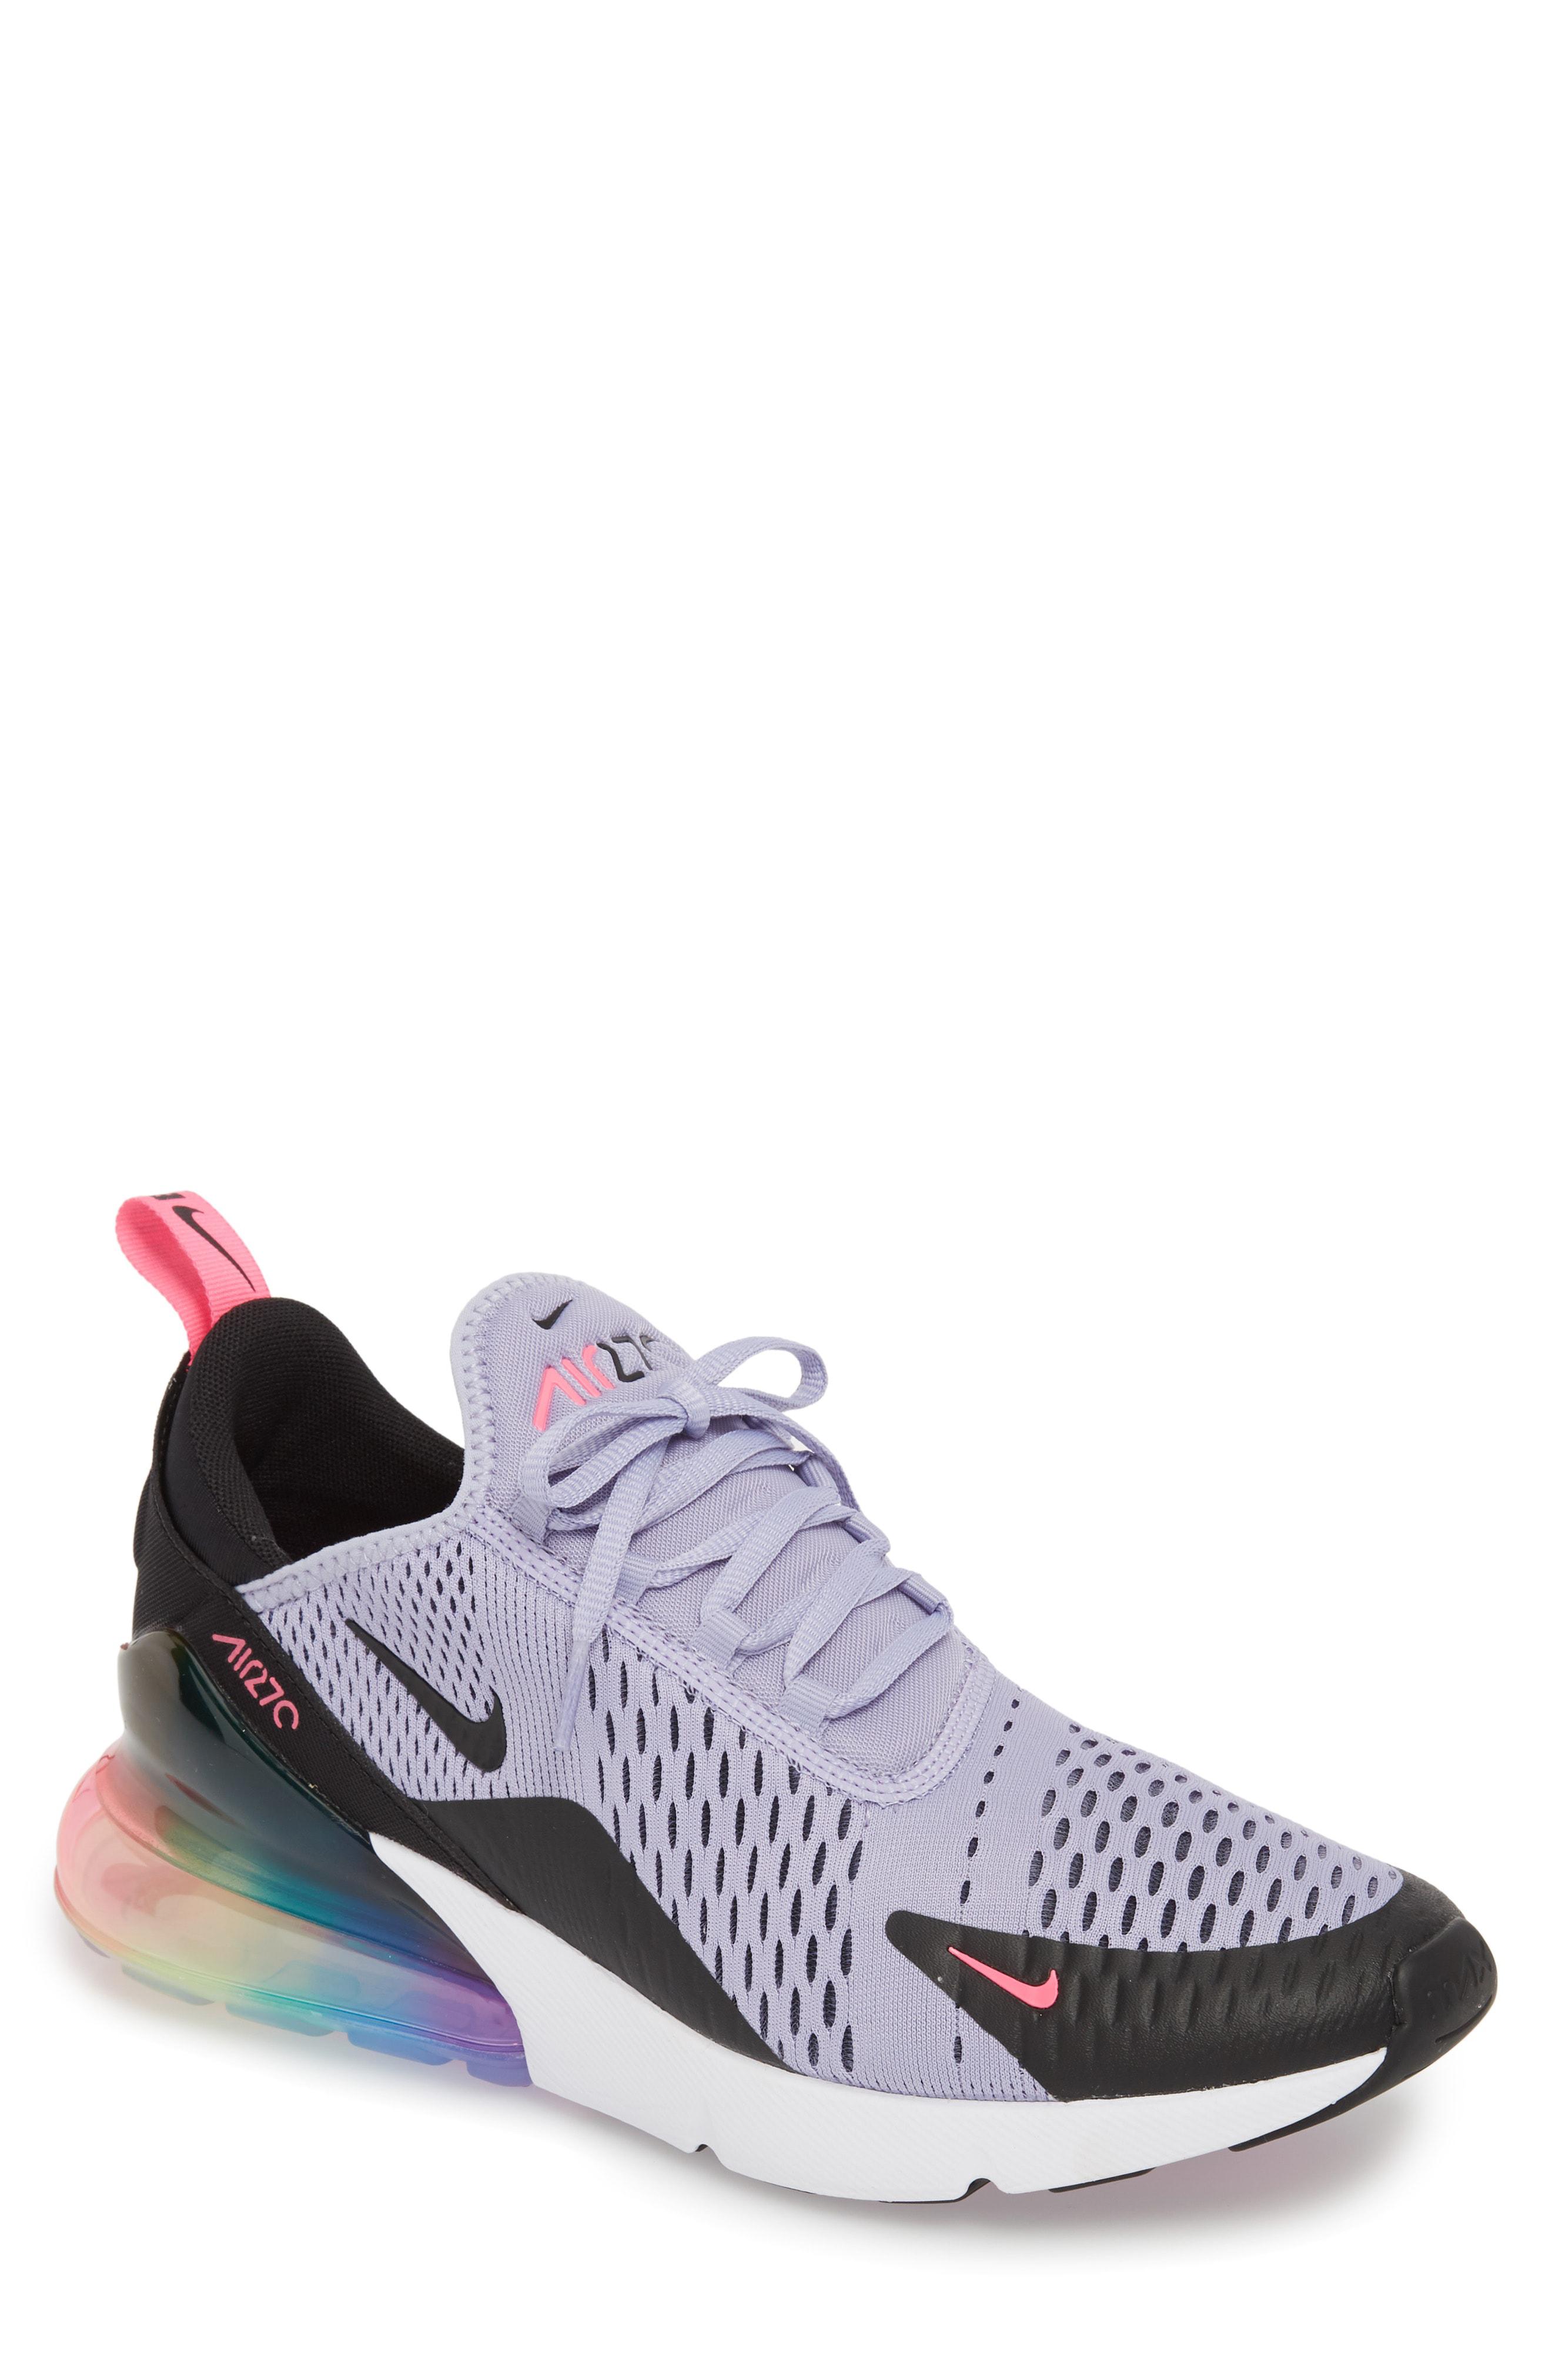 Nike Air Max 270 Betrue Sneaker In Purple Pulse Black Pink Modesens